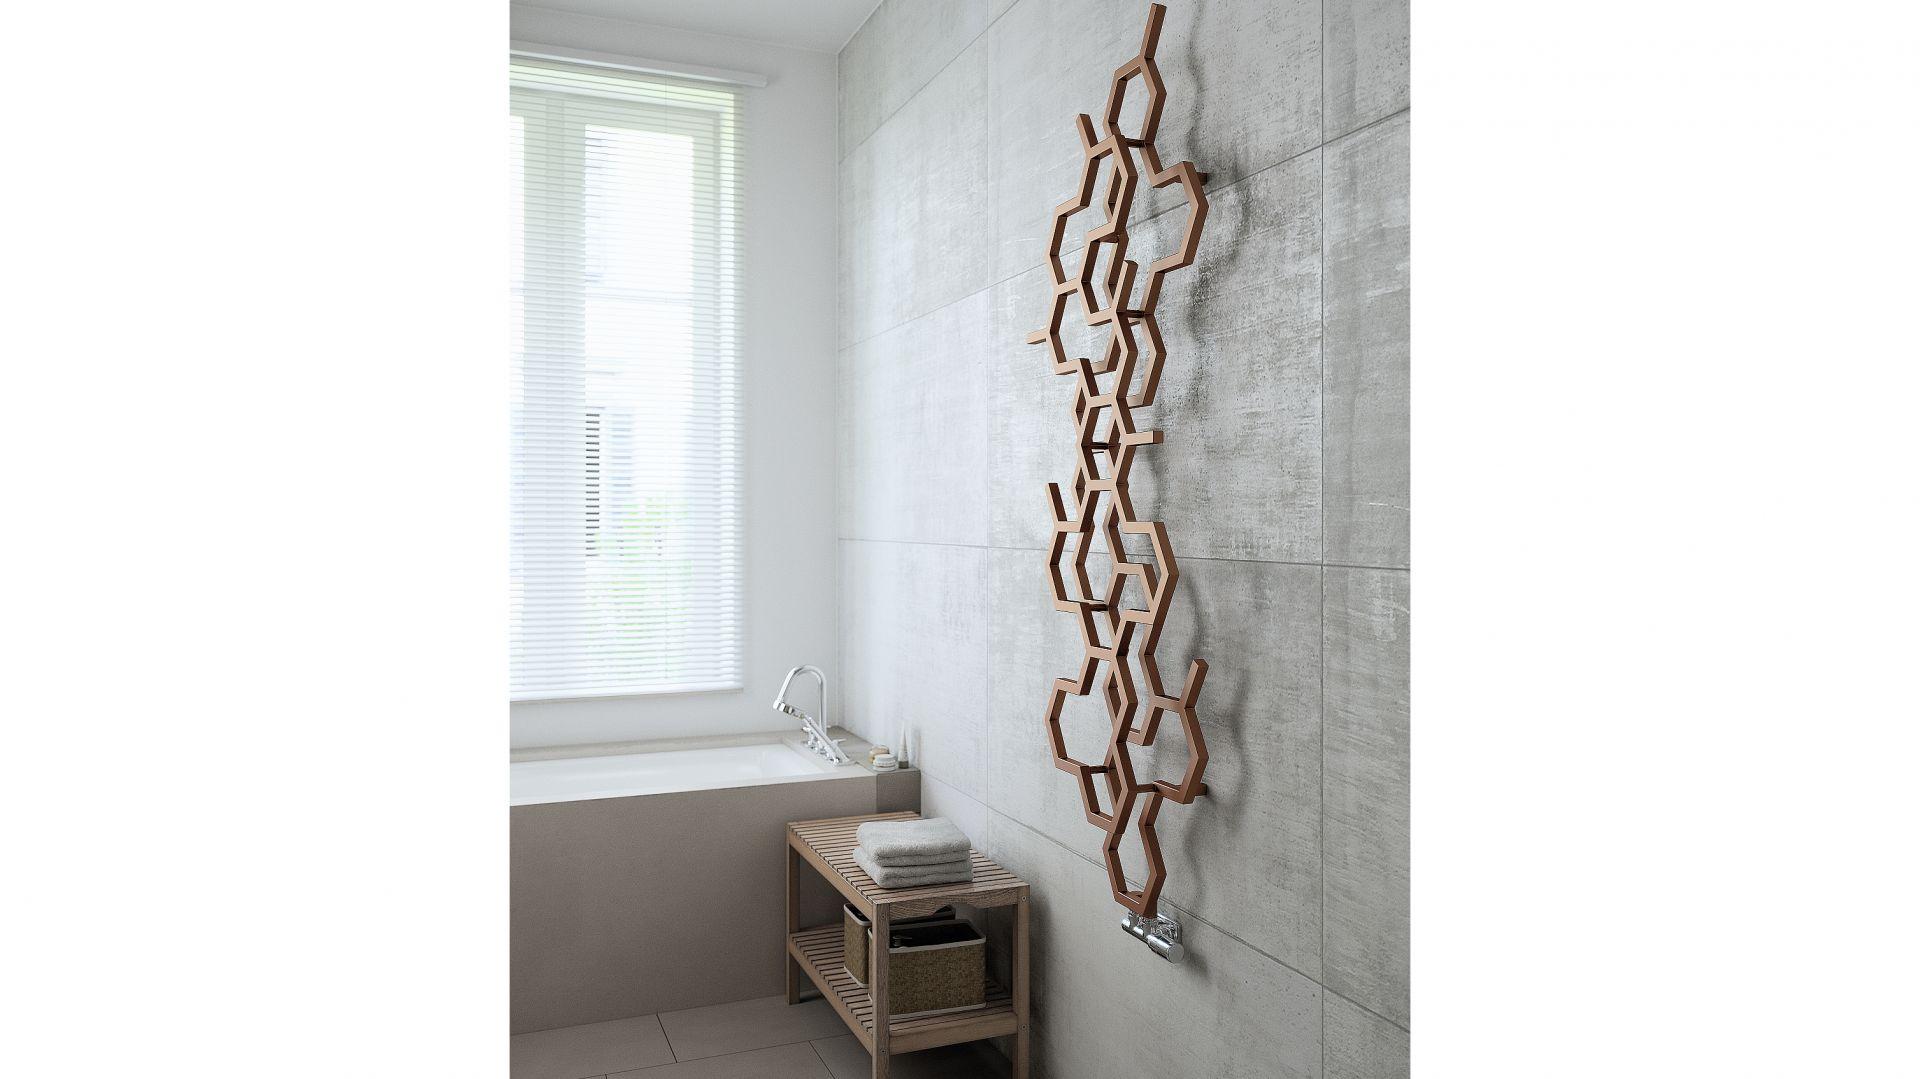 Grzejniki Do łazienki 15 Dekoracyjnych Modeli